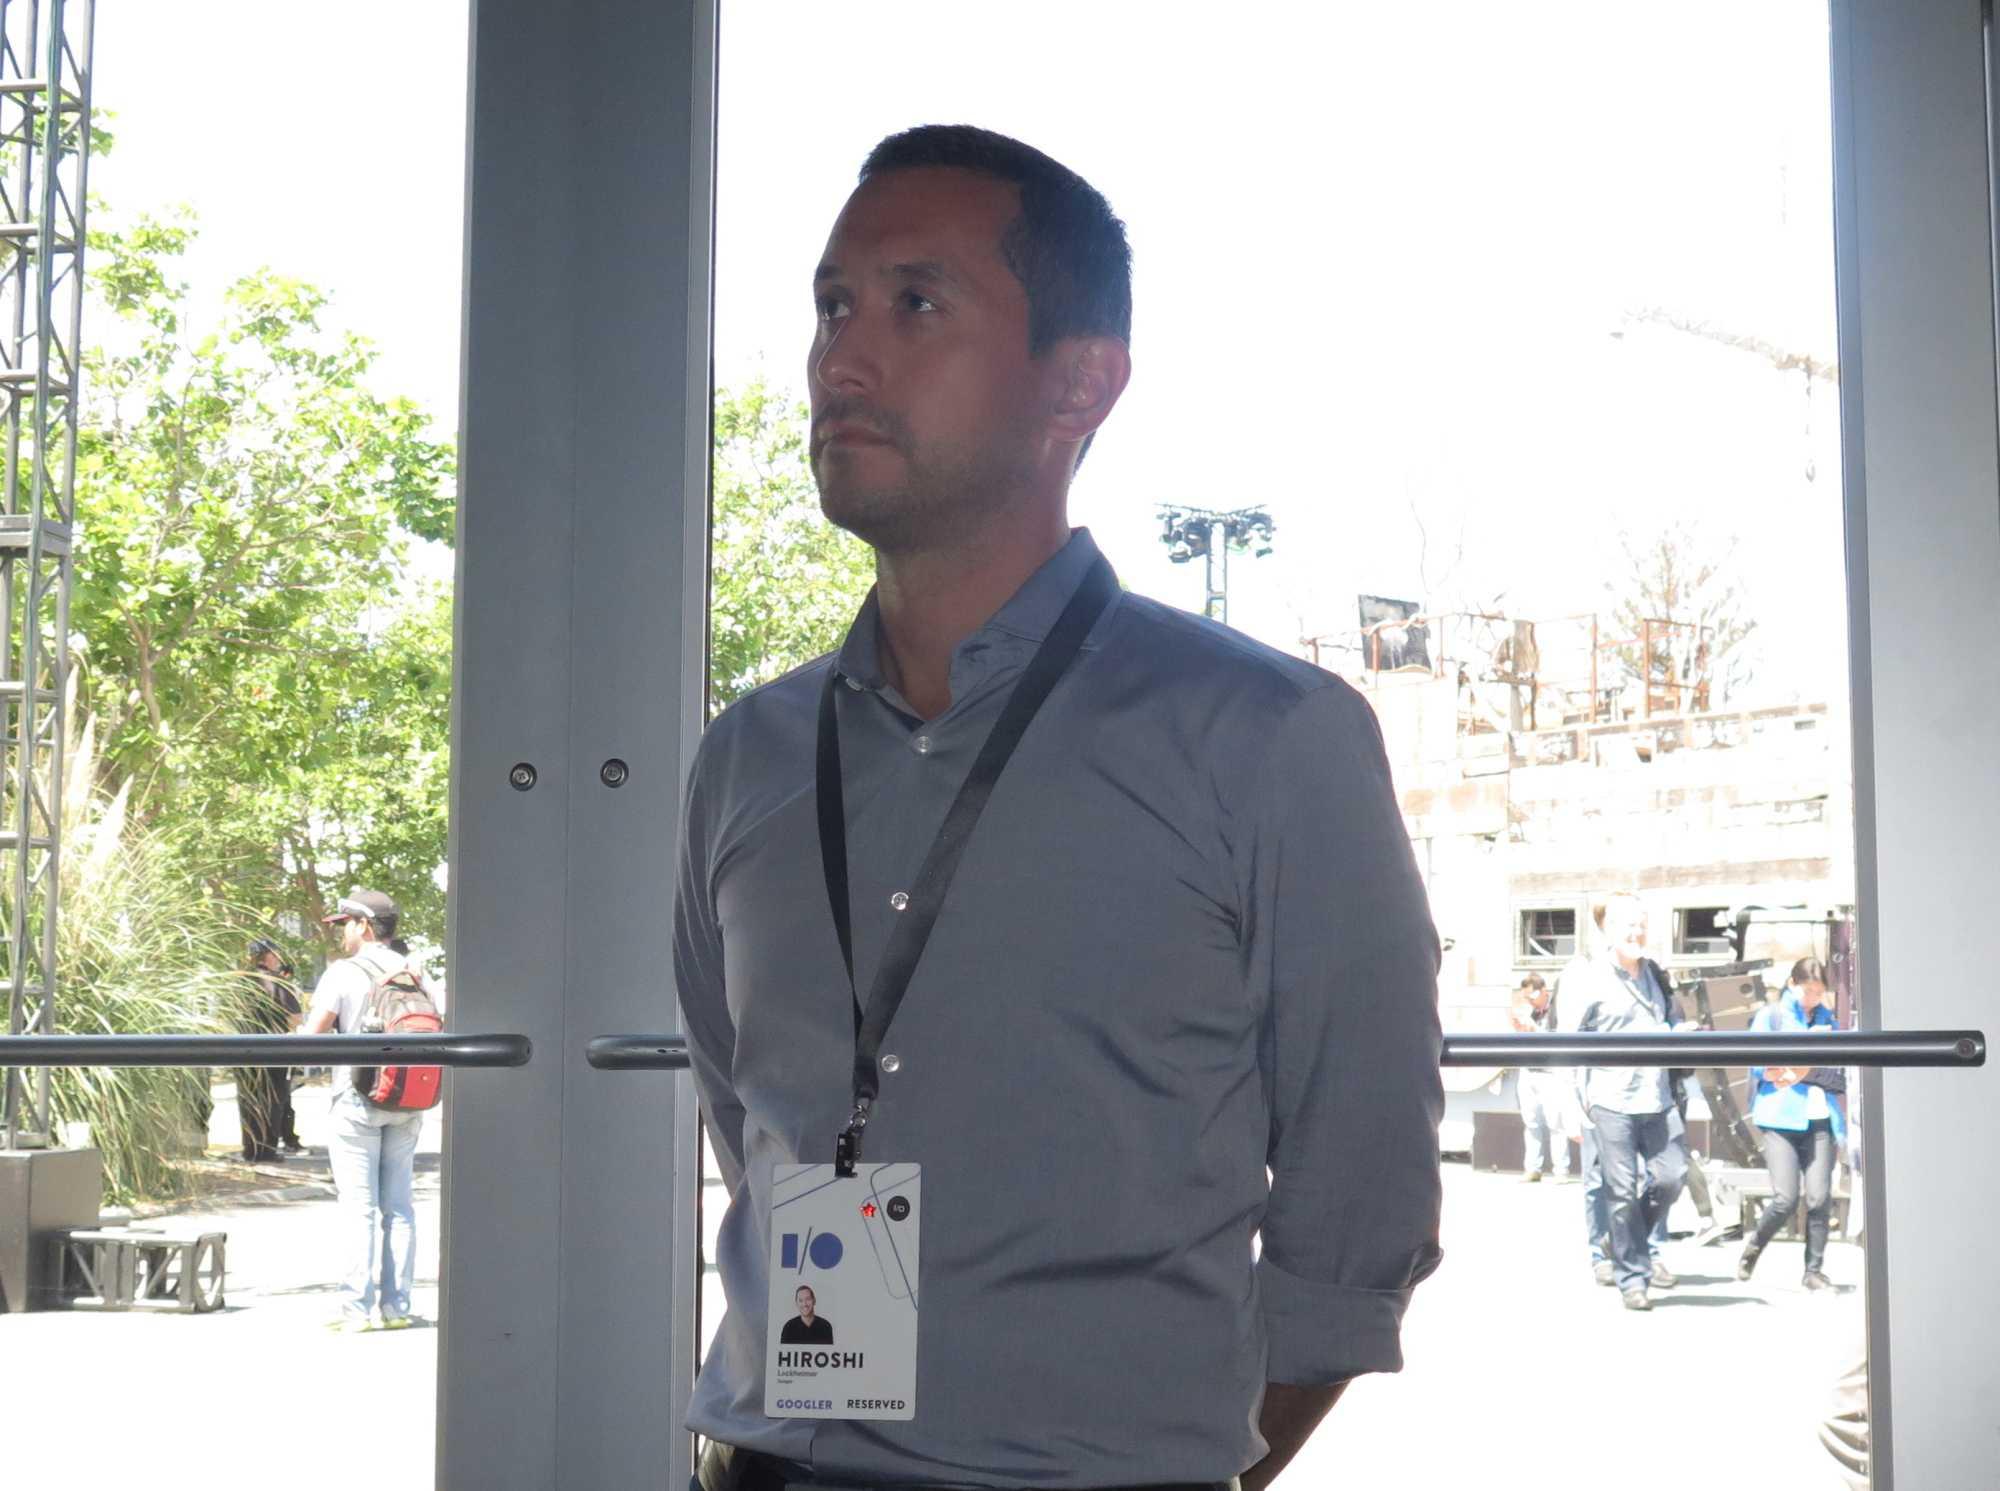 Hiroshi Lockheimer